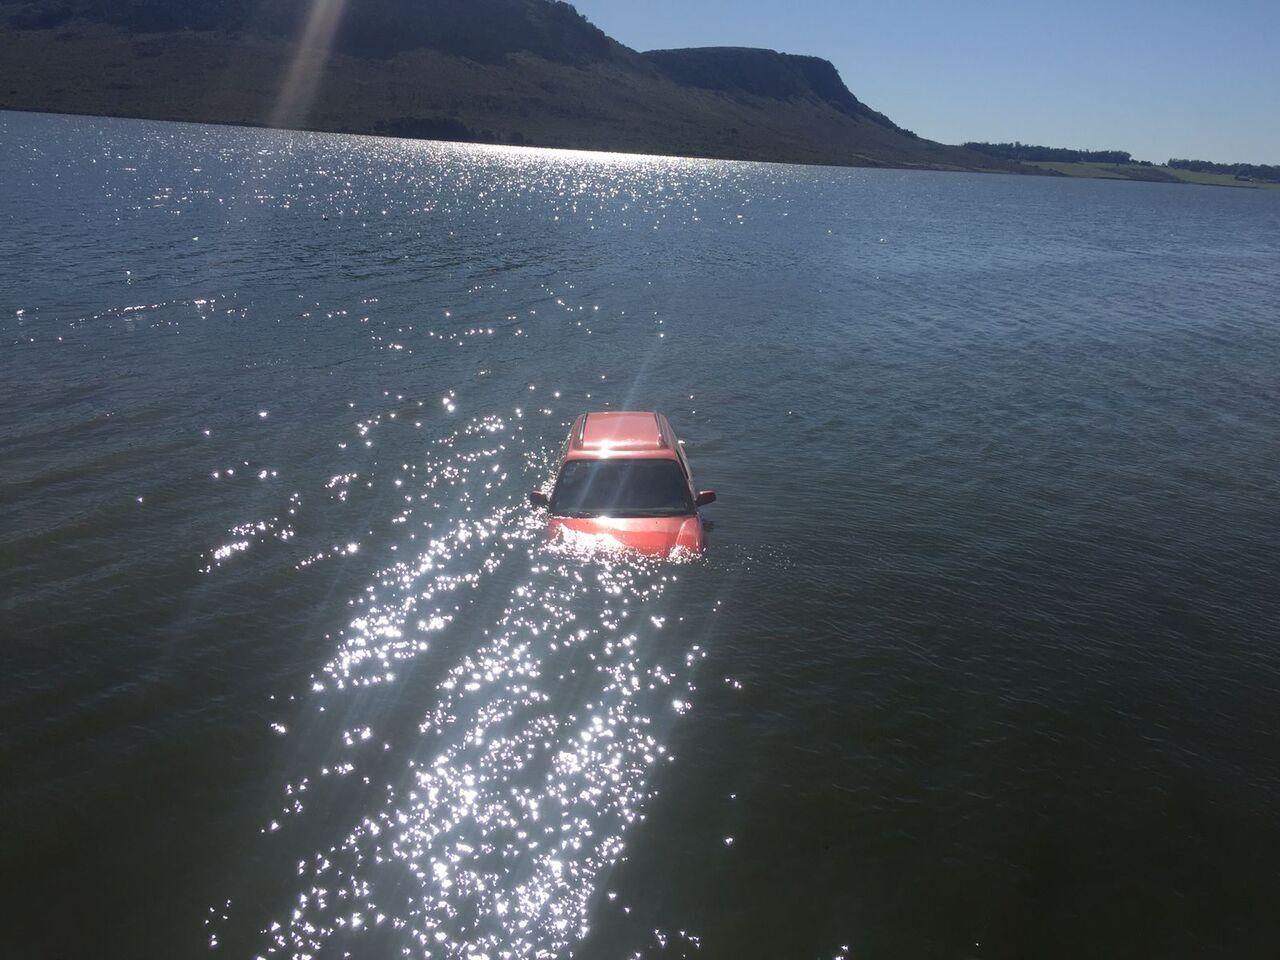 La camioneta terminó inmersa en la laguna de Balcarce (Foto: La Vanguardia)